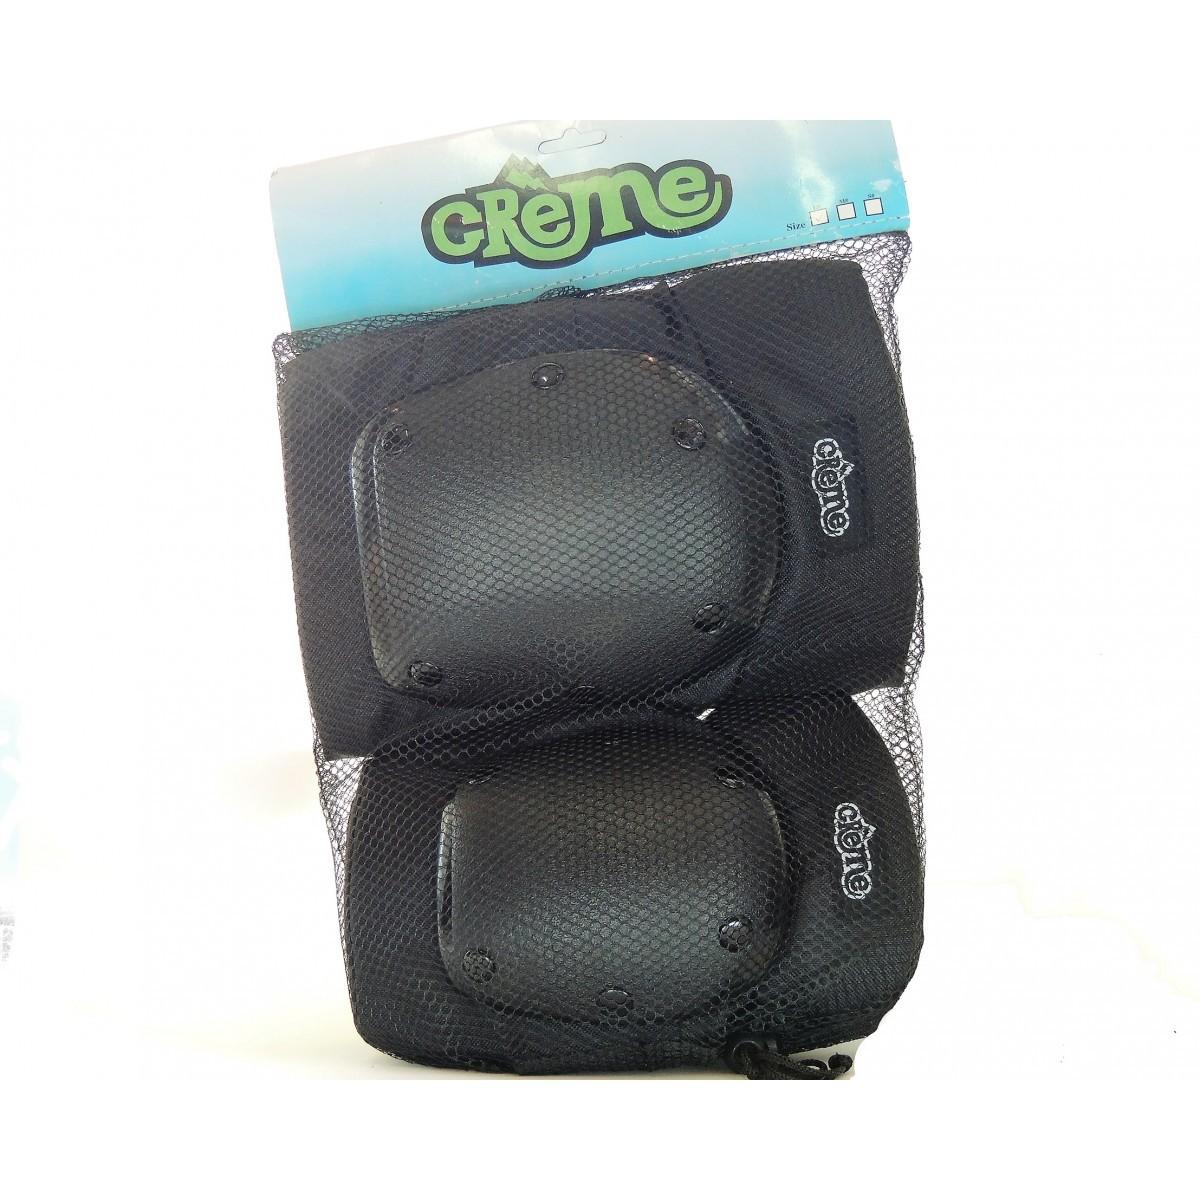 Kit Proteção Skate Creme Cotoveleira + Joelheira